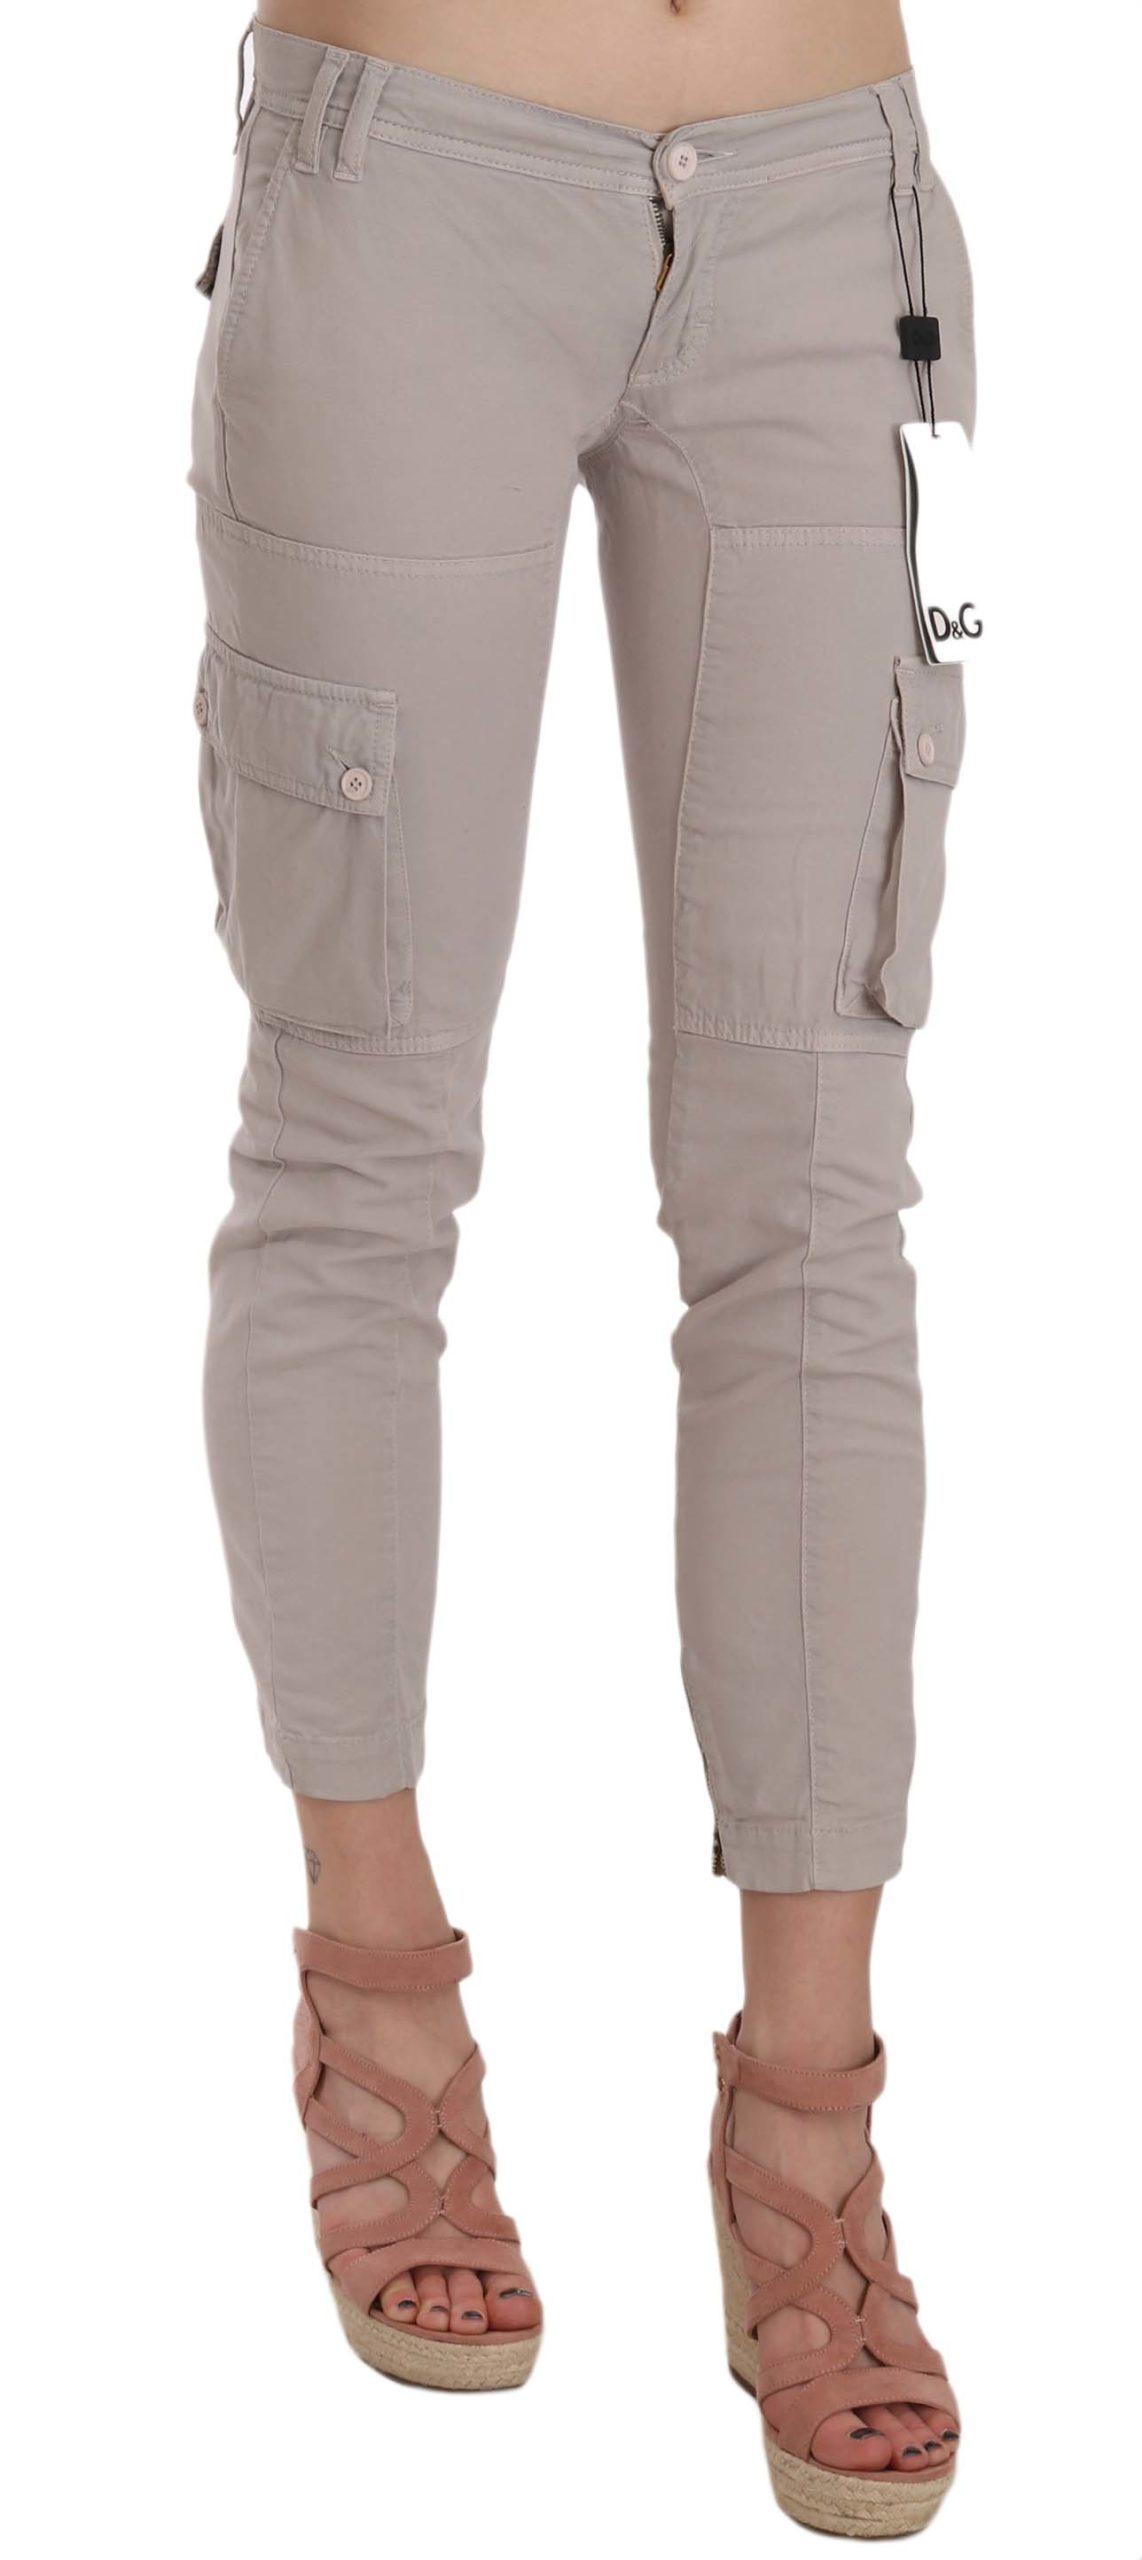 Dolce & Gabbana Women's Trouser Blue BYX1335 - IT38|XS